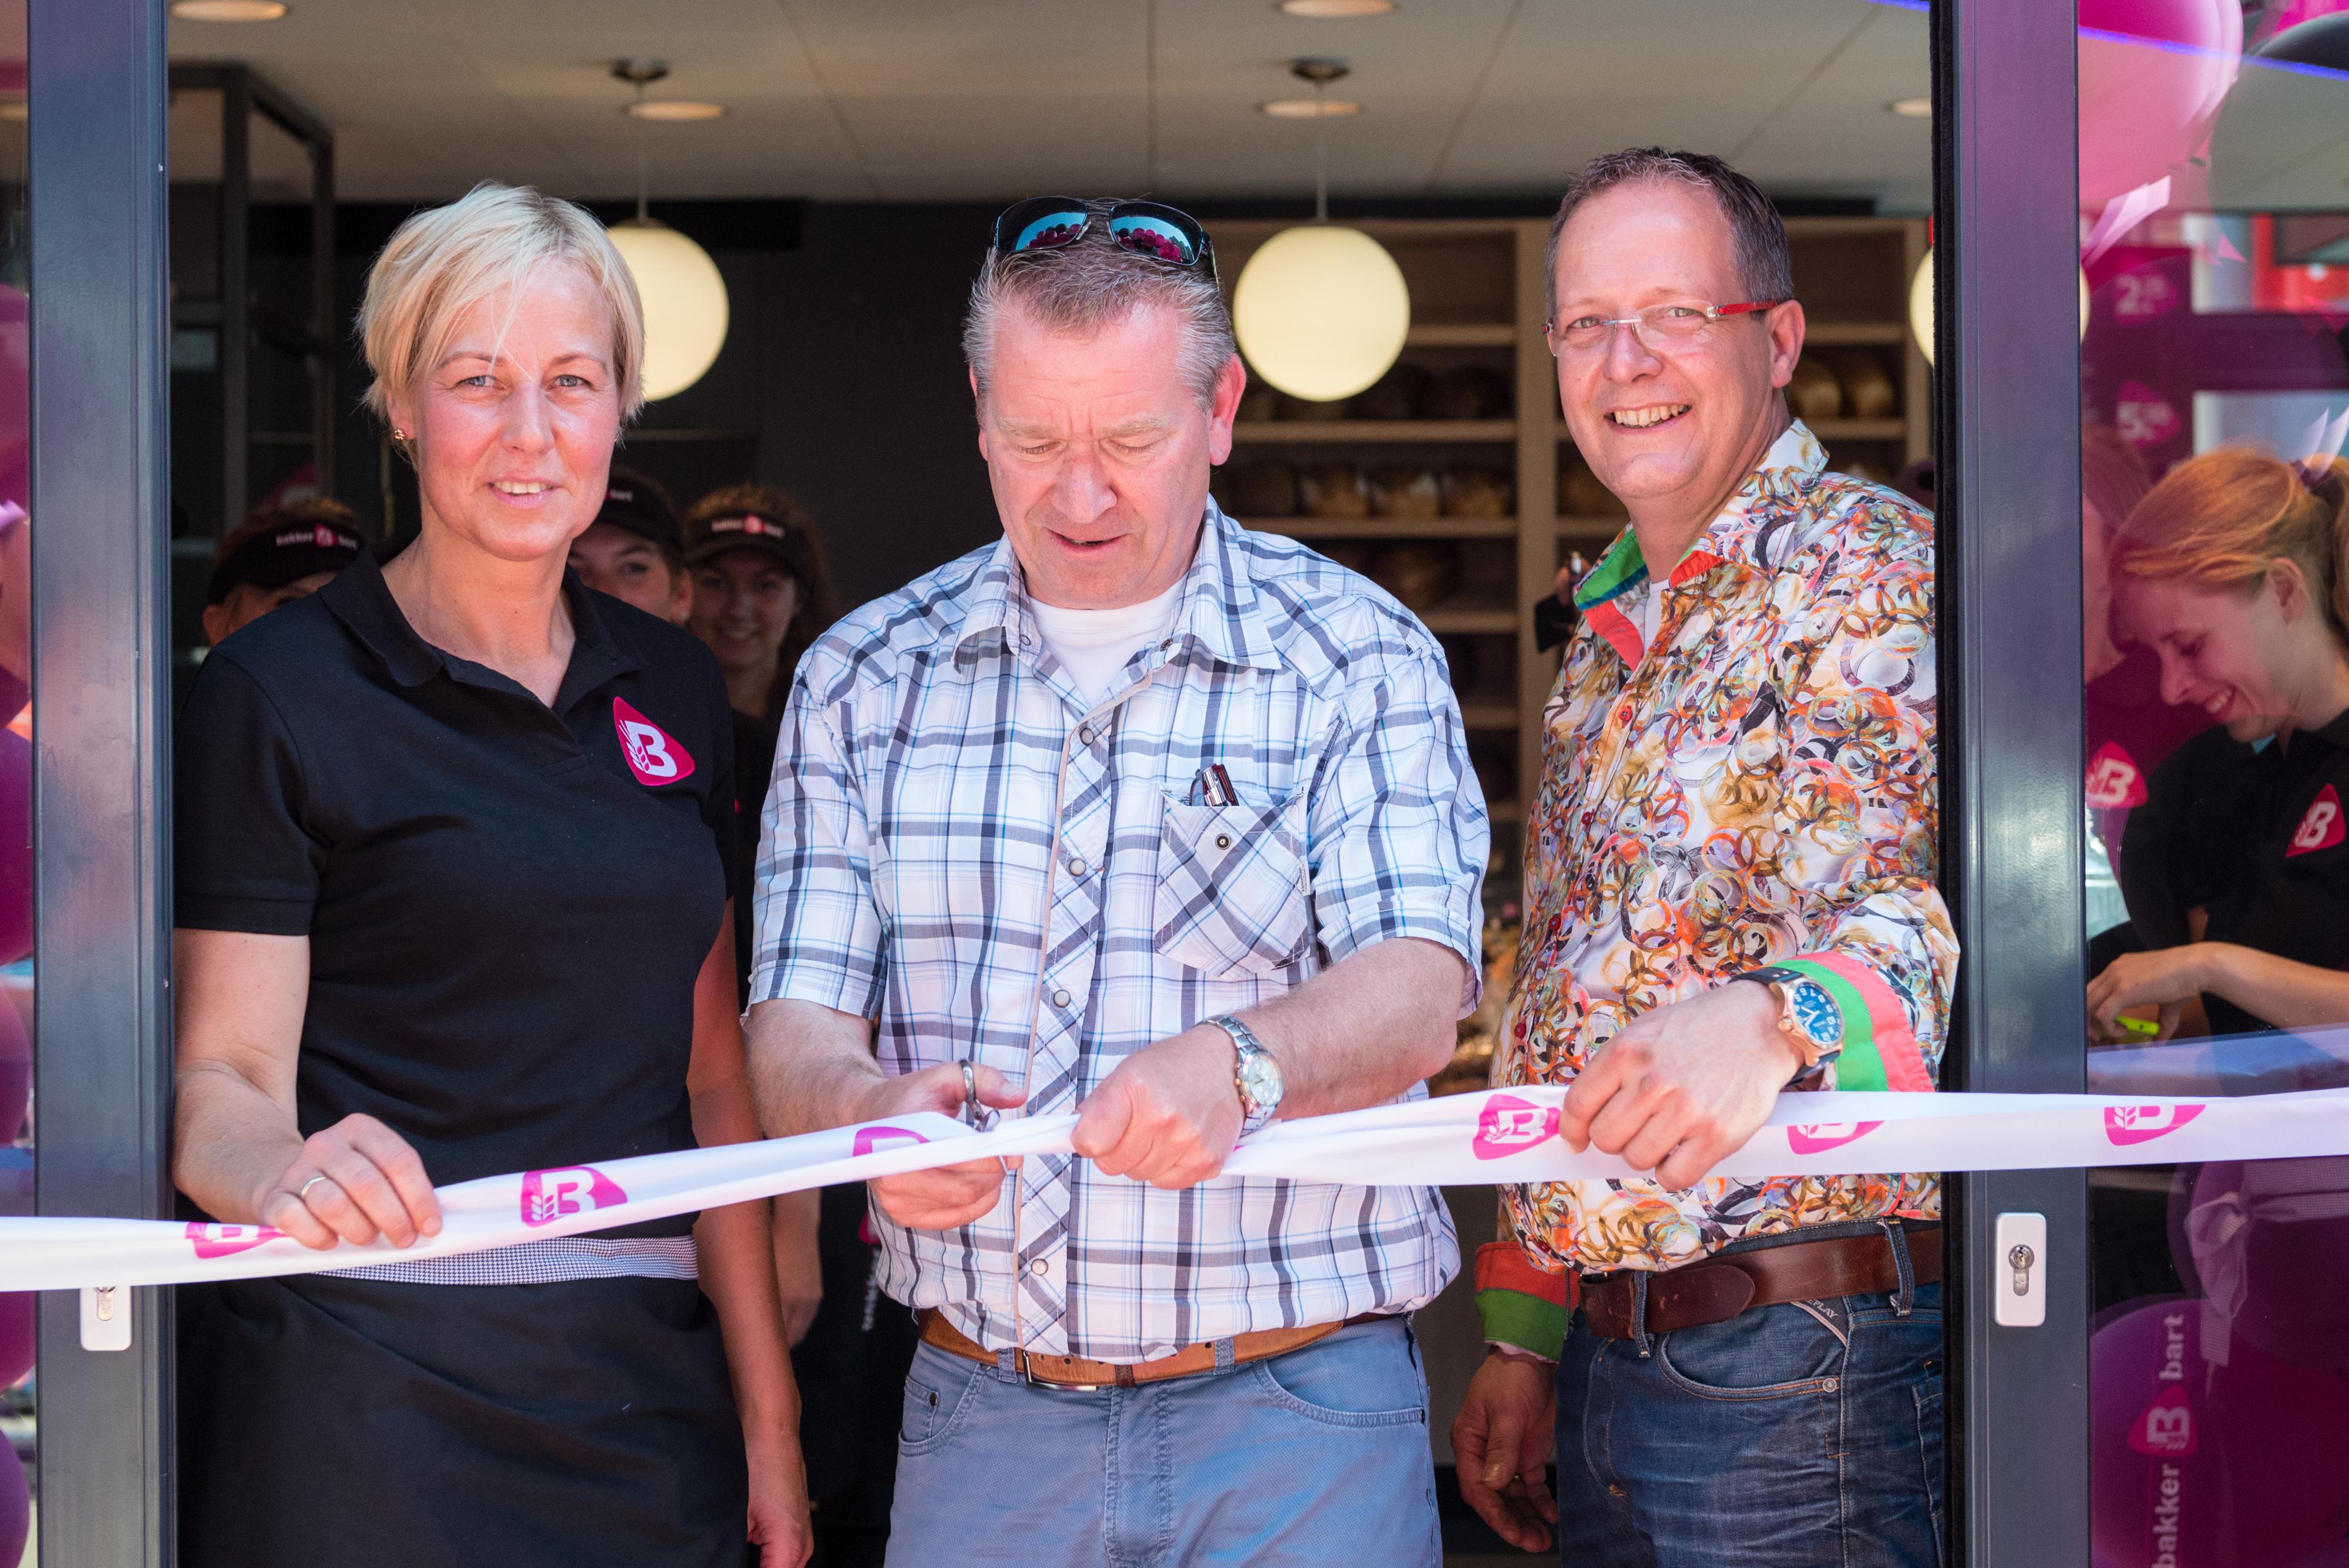 De Bakker Bart vestiging aan de Grote Markt in Groningen is heropend door Hans Nijland, directeur van FC Groningen. Bron: FranchiseFormules.NL